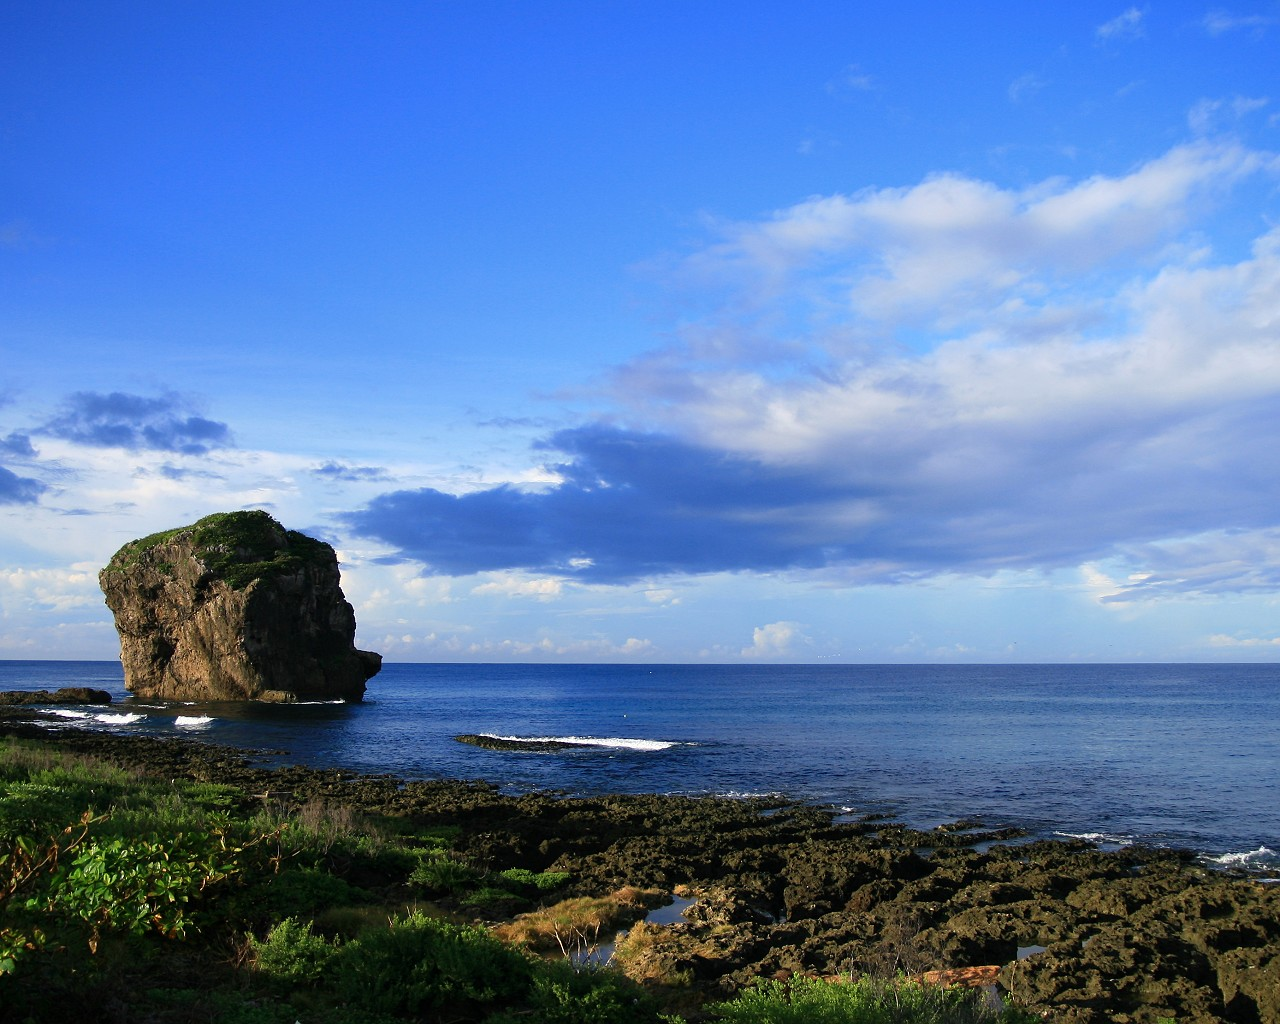 船帆石高約18公尺,矗立於海中,遠望似艘即將啟碇的帆船,因而得名。(圖片來源: http://www.gogotaiwan.xcom.tw/)